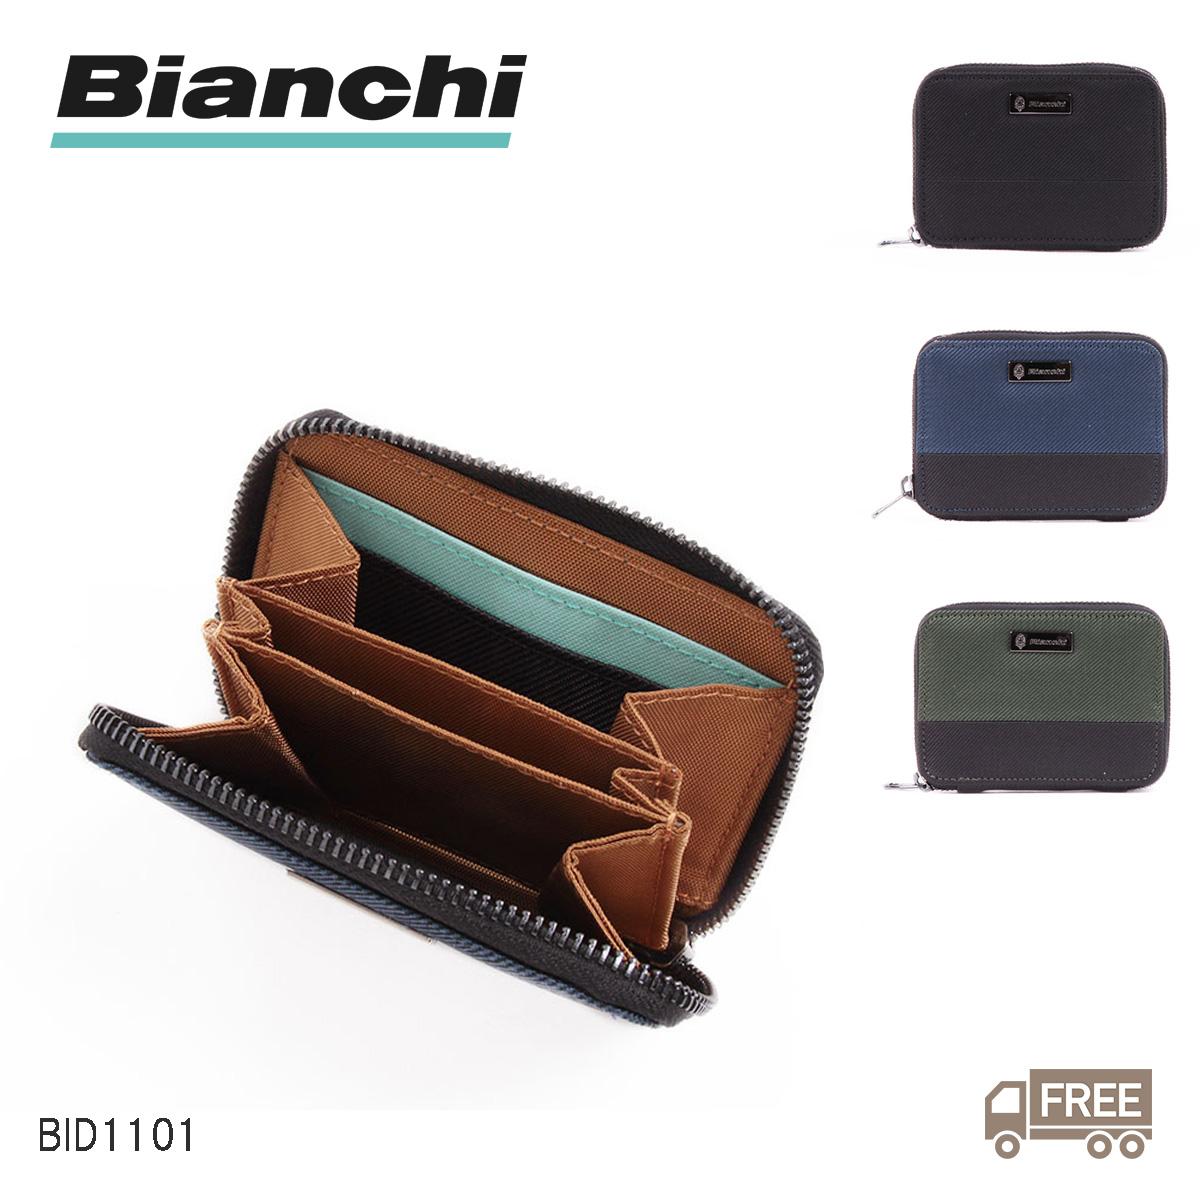 PICCOLO ピッコロ カジュアルウォレットシリーズ Bianchi ビアンキ BID1101 代引き不可 カジュアルウォレット 注目ブランド カードケース ラウンドコインカードケース レディース 送料無料 メンズ シリーズ 名刺入れ